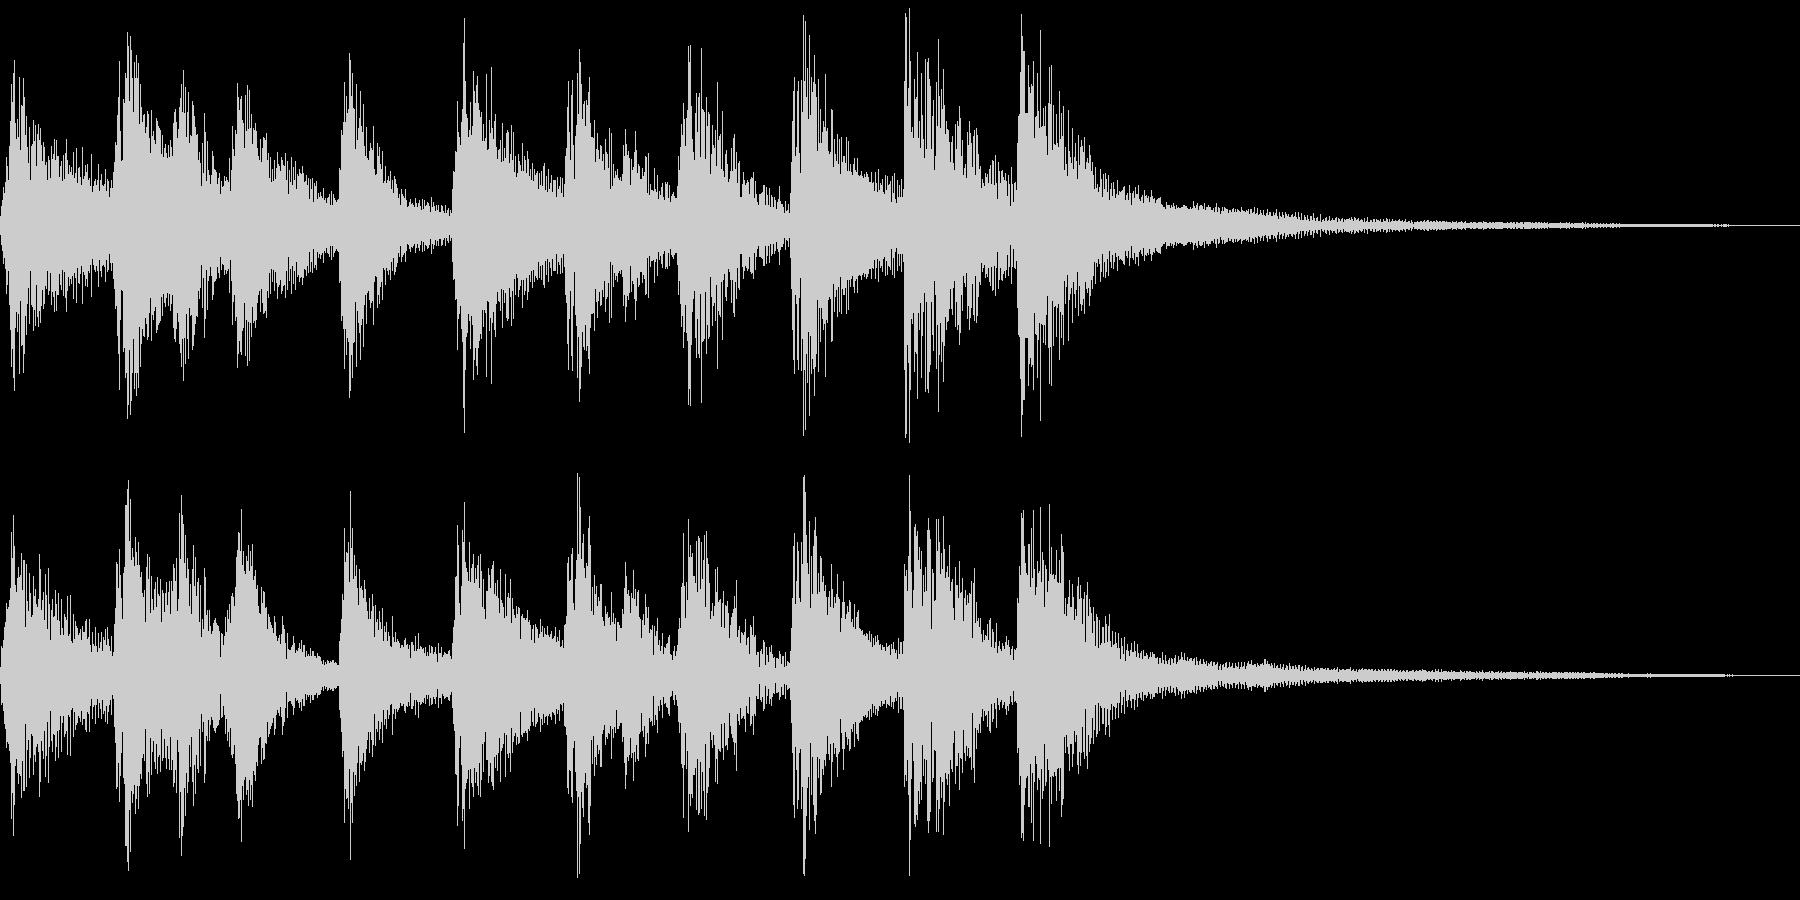 シンプルな三味線和風ジングルの未再生の波形